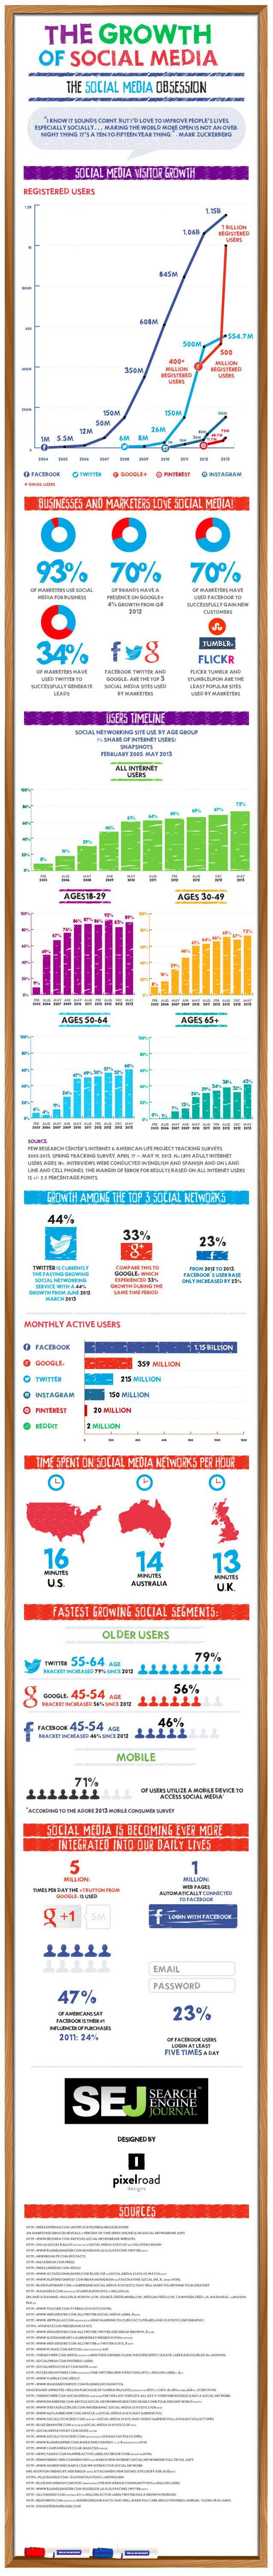 The Growth of Social Media v2.